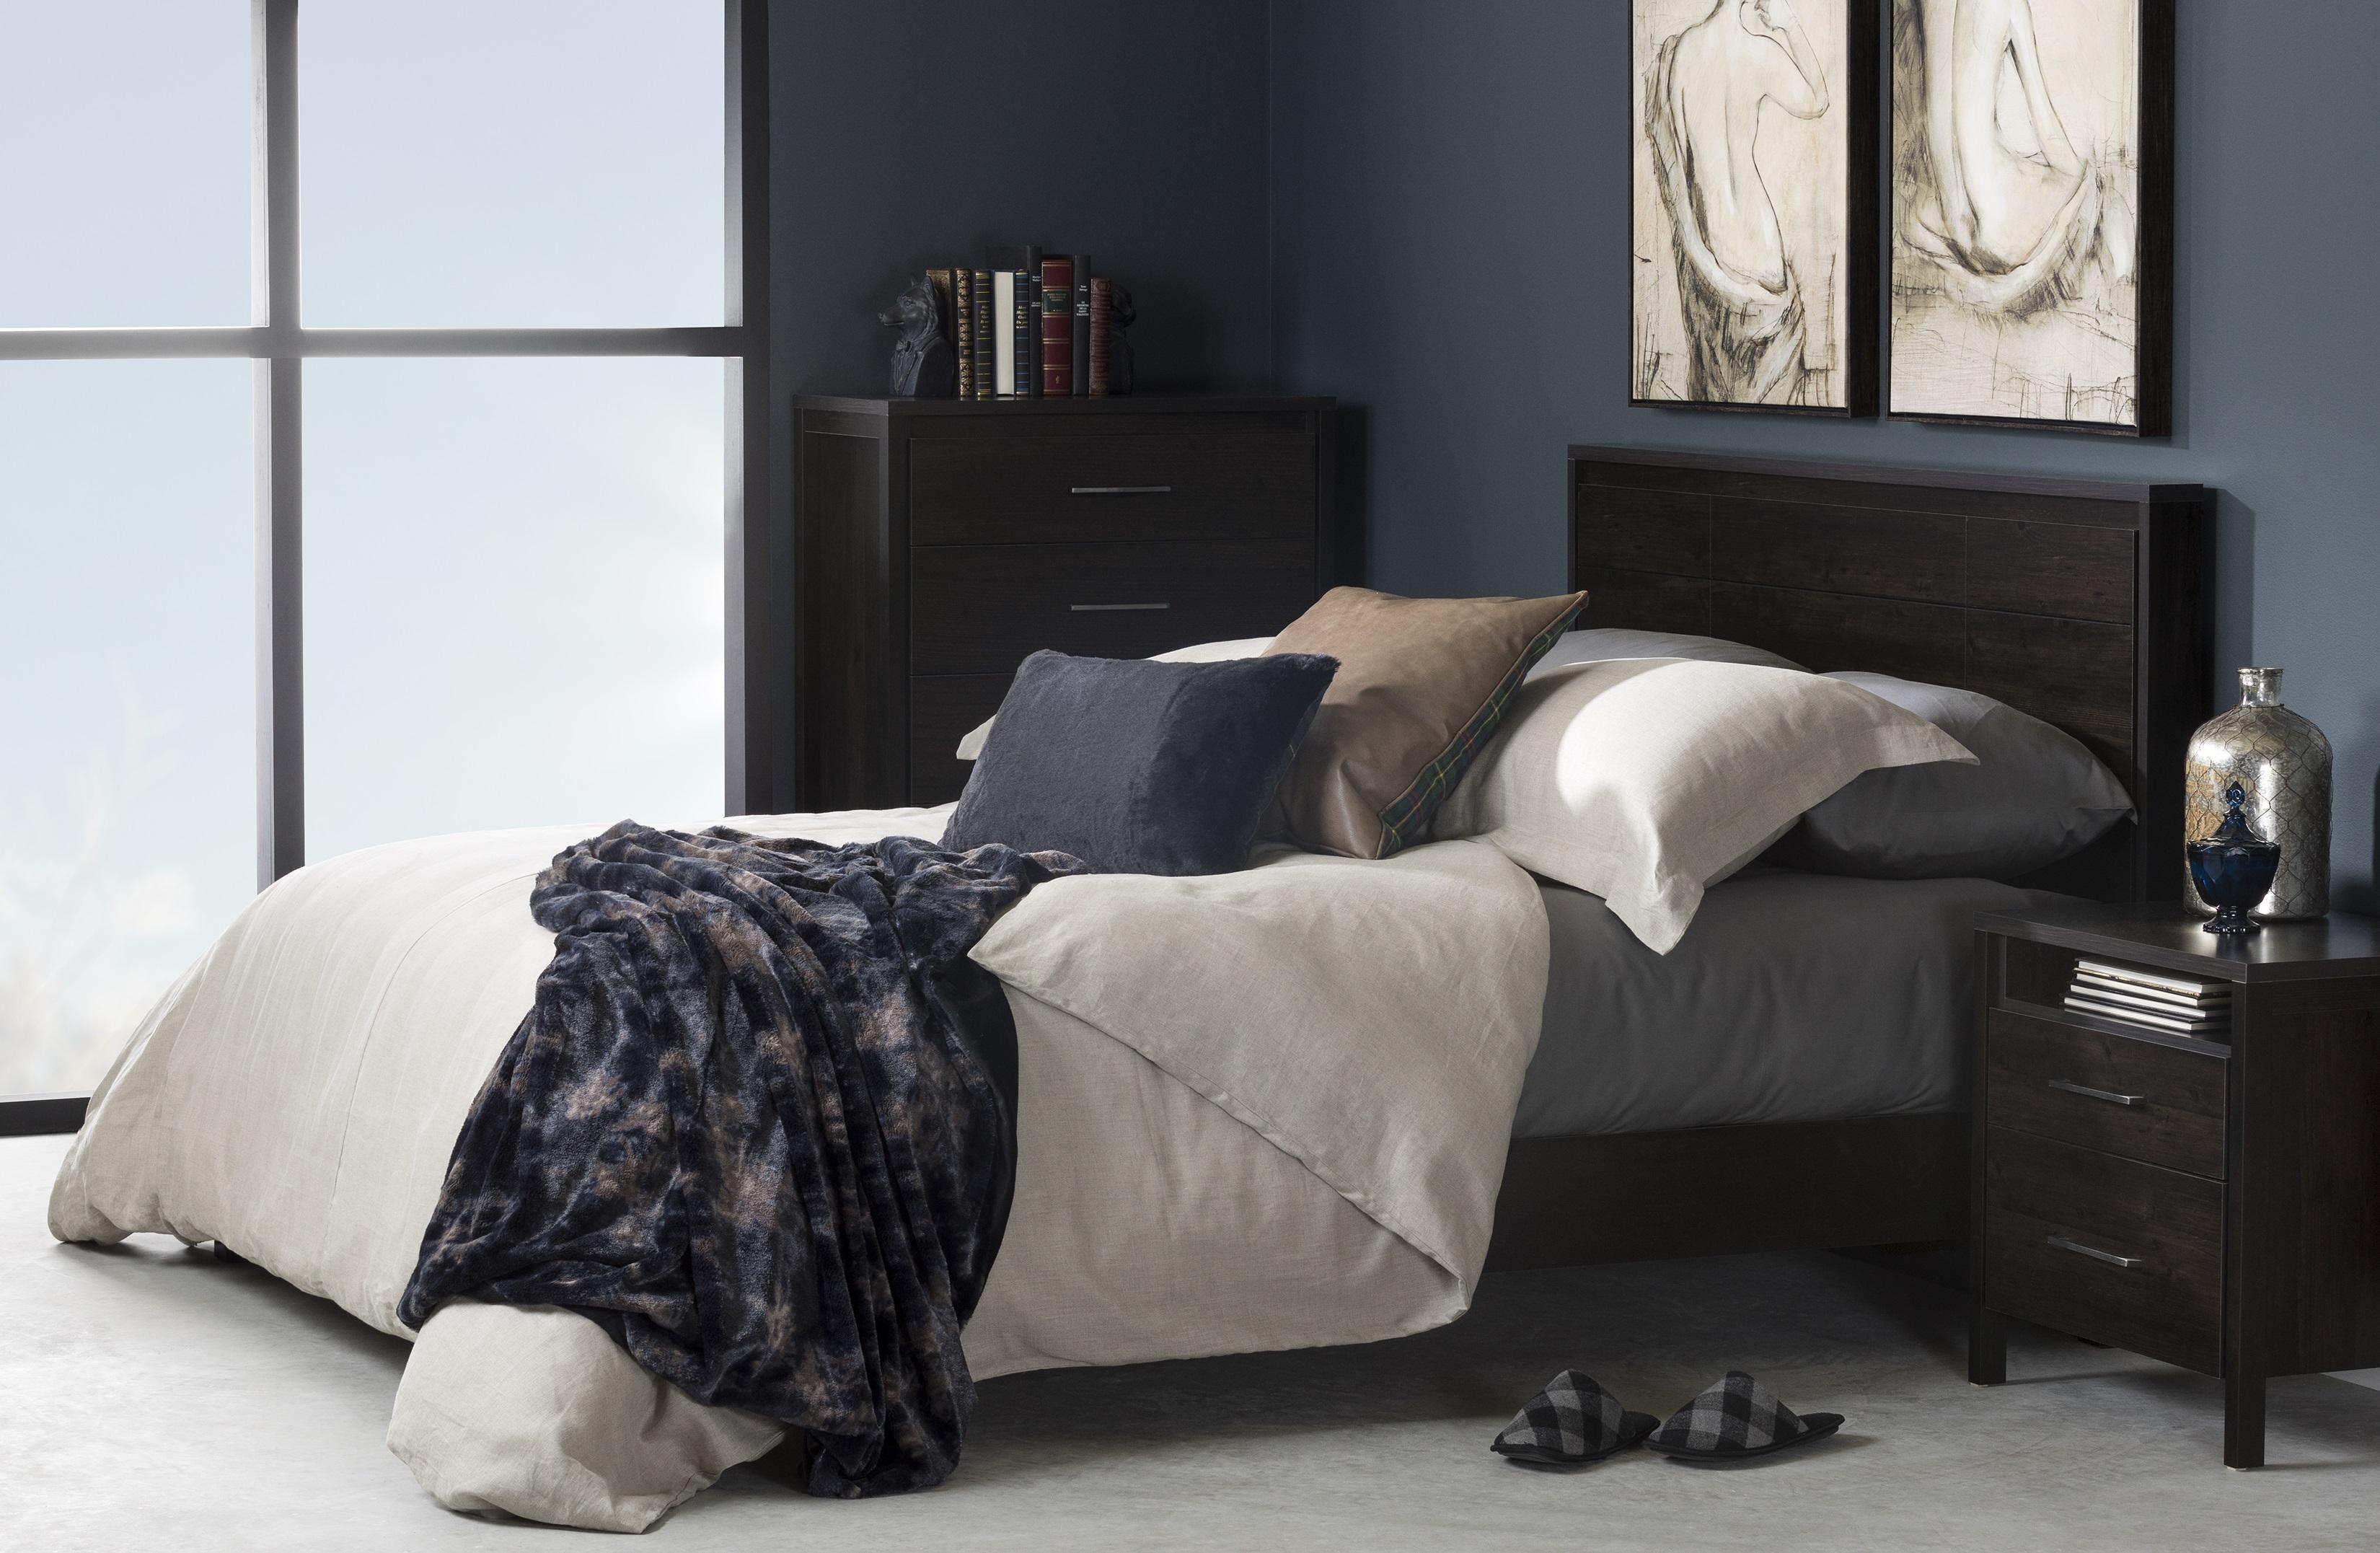 Papier Peint Pour Faire Tete De Lit décorer sa chambre sans se ruiner, c'est possible! | meubles